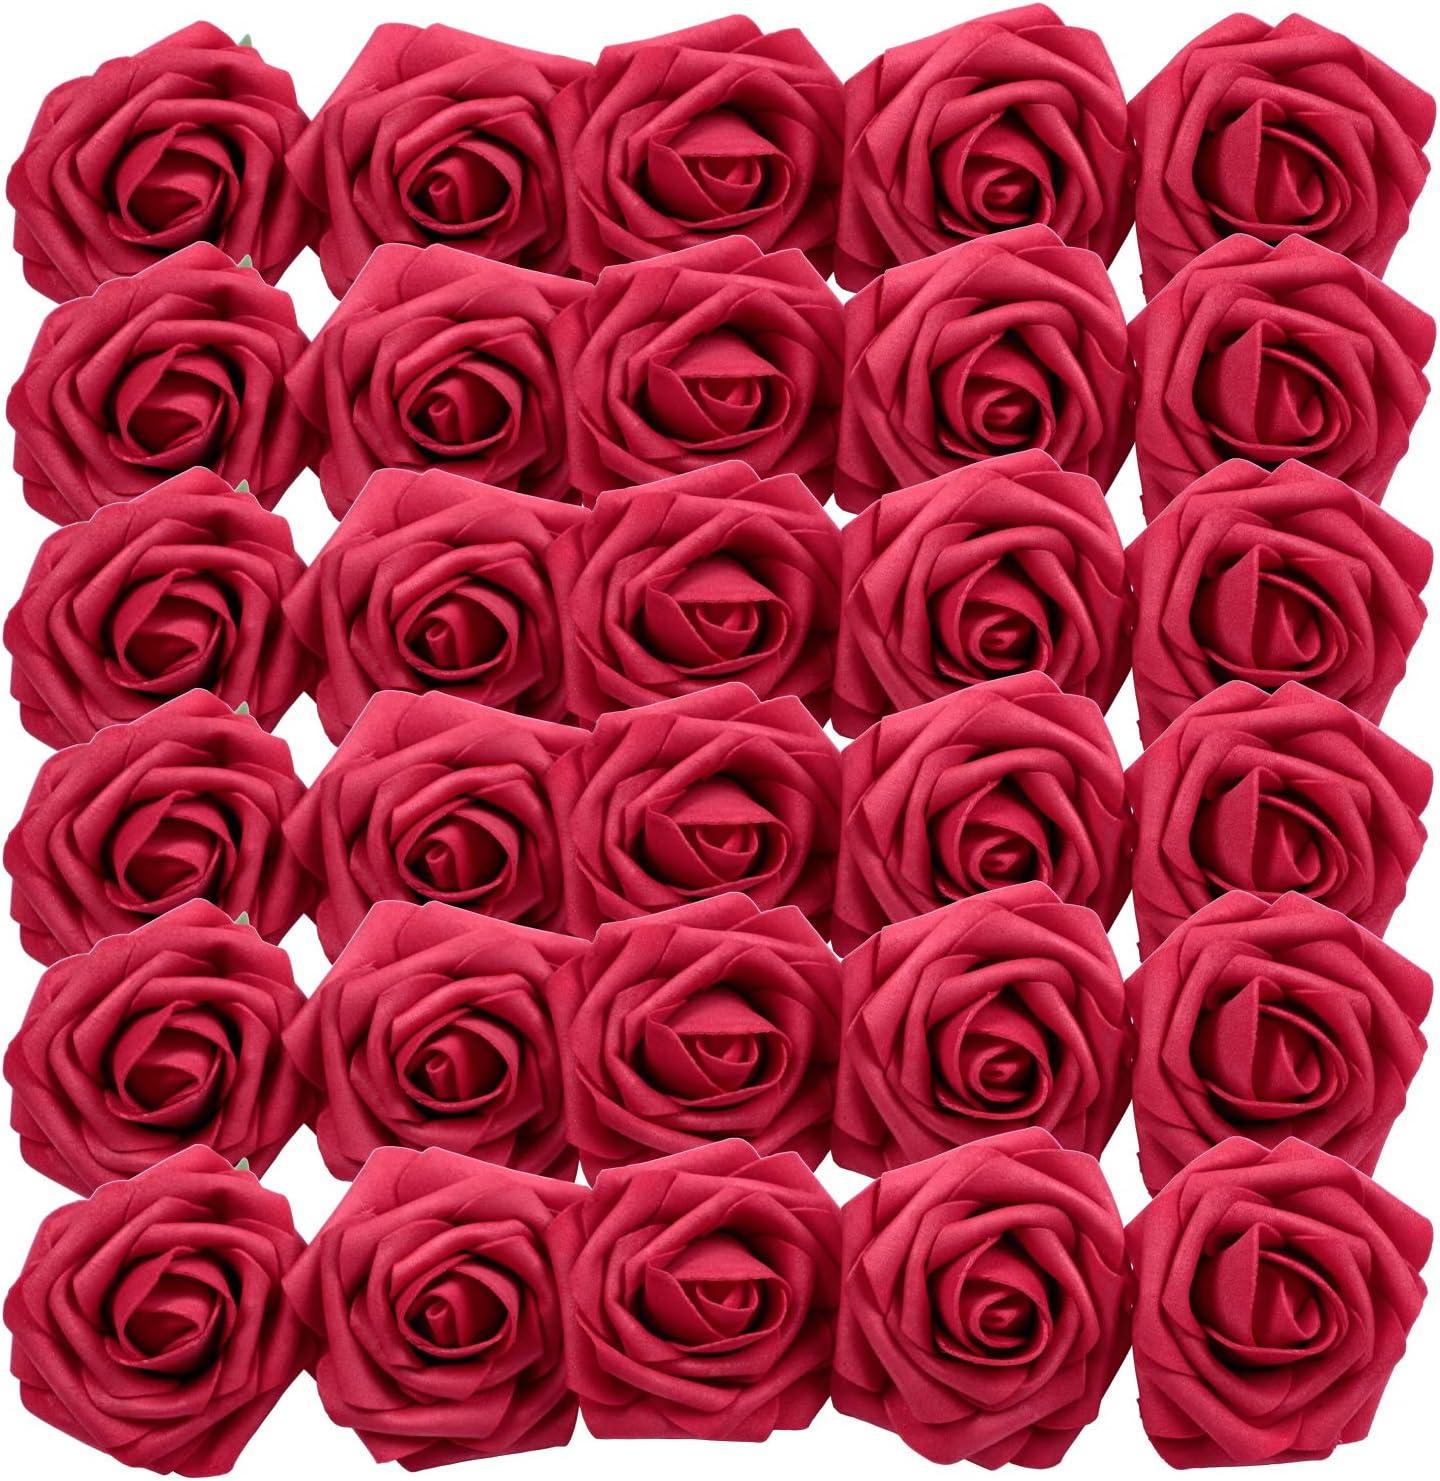 Homcomodar Flores Artificiales Rosa roja Oscura 30 Piezas Rosas Falsas de Aspecto Real con Tallo para Bodas Ramos de Bricolaje centros de Mesa arreglo Fiesta decoración del hogar